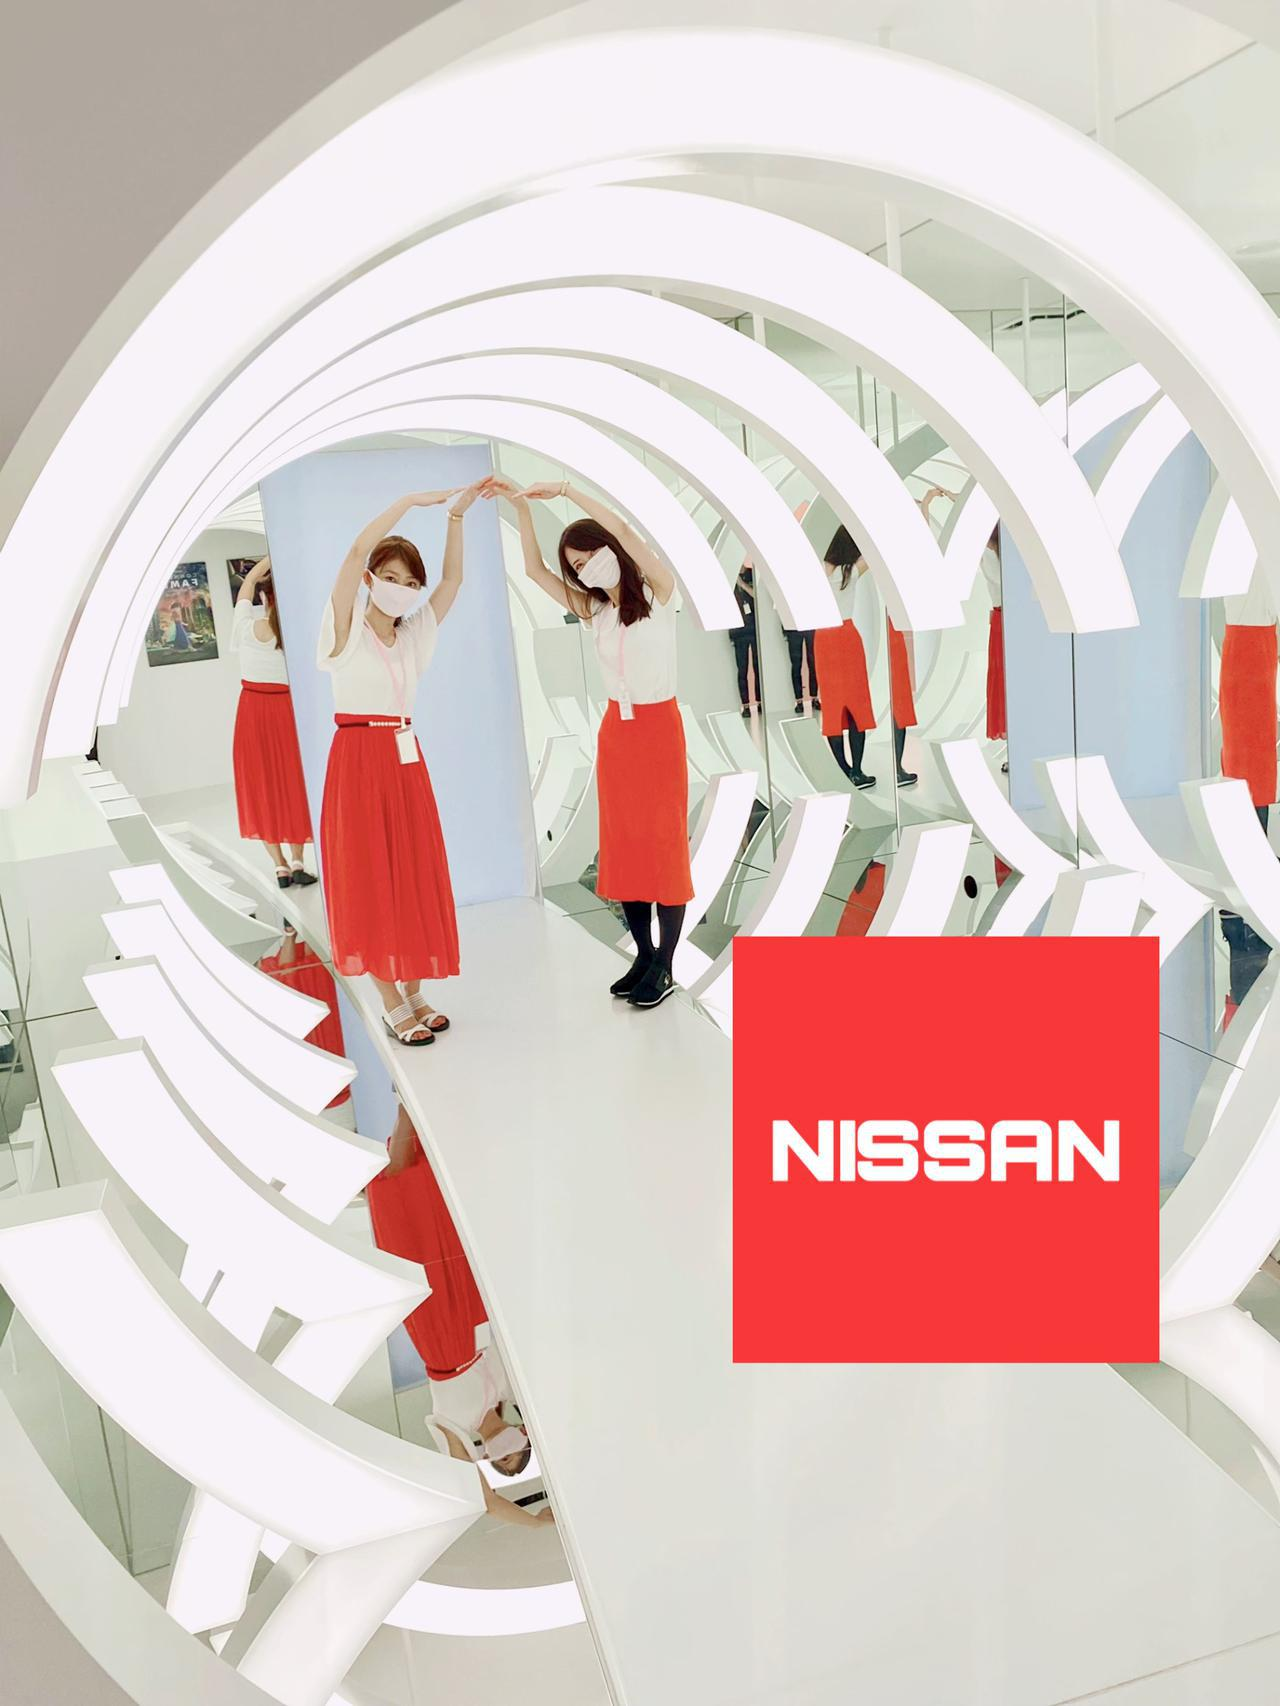 画像: 未来が体験出来る施設♡「ニッサンパビリオン」 - 【ftn】fashion trend news|ファッショントレンドニュースマガジン|すべての人におしゃれする楽しさを